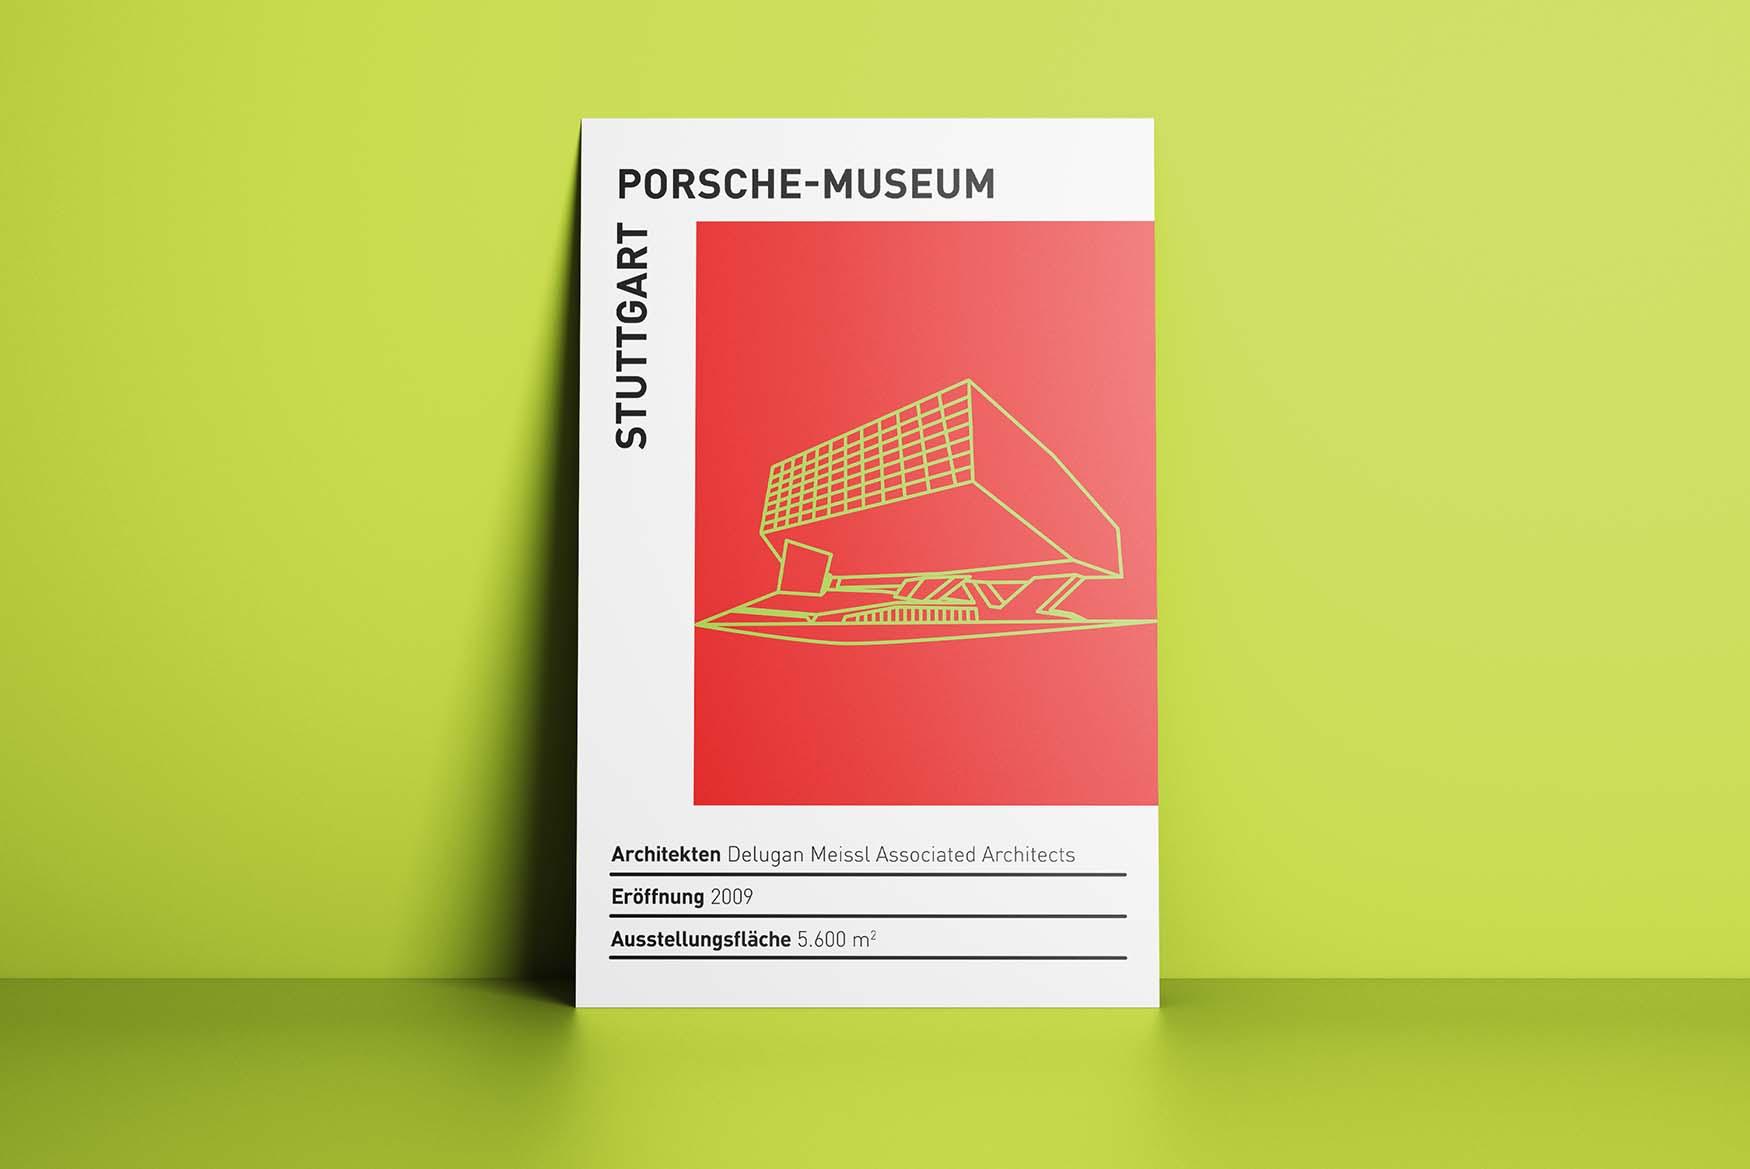 Kreativbetrieb-Designagentur-Architektur-Stuttgart-5